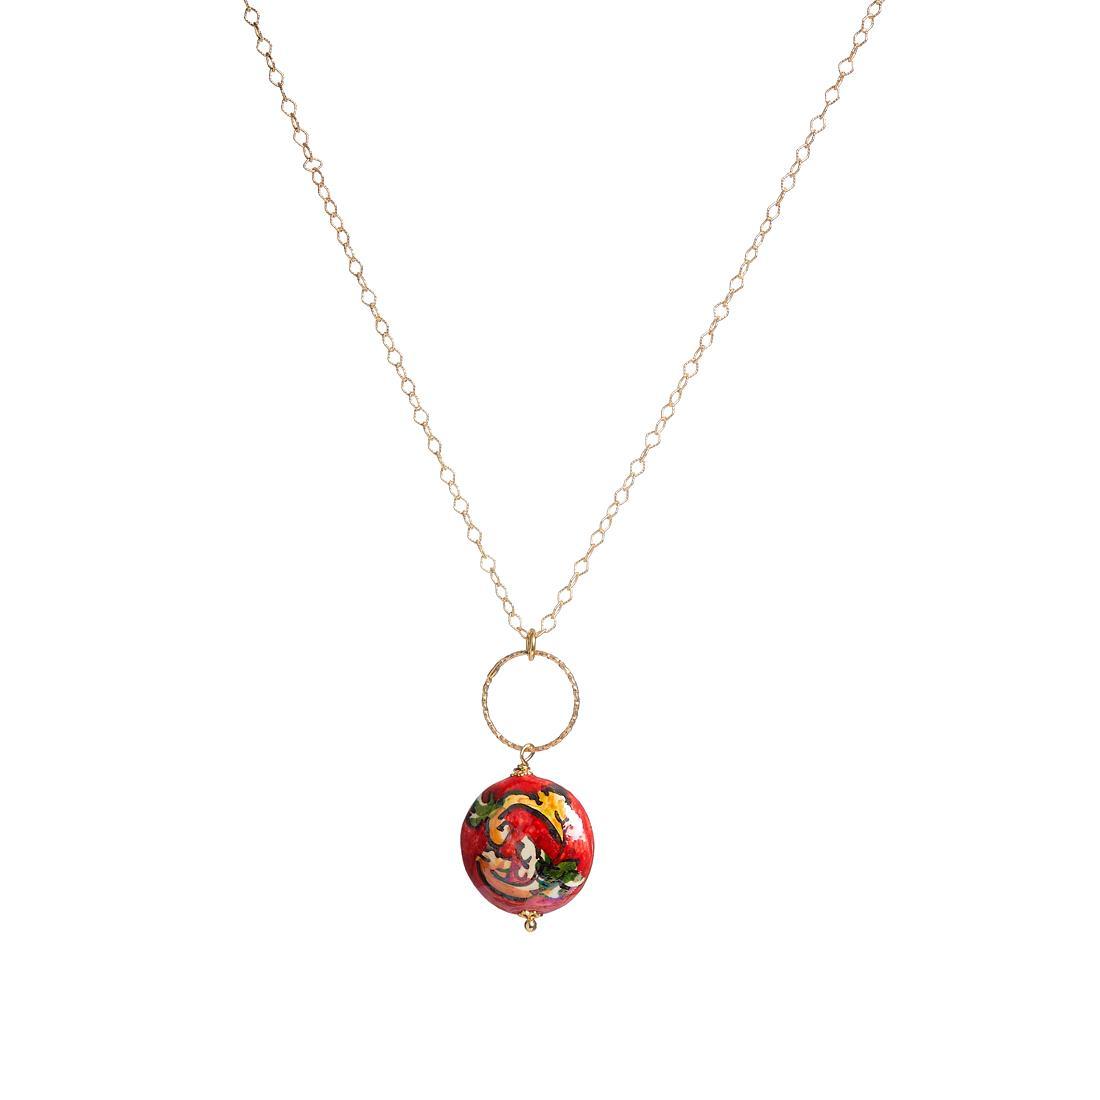 Collana in argento e ceramica - LE PERLE DI CALTAGIRONE